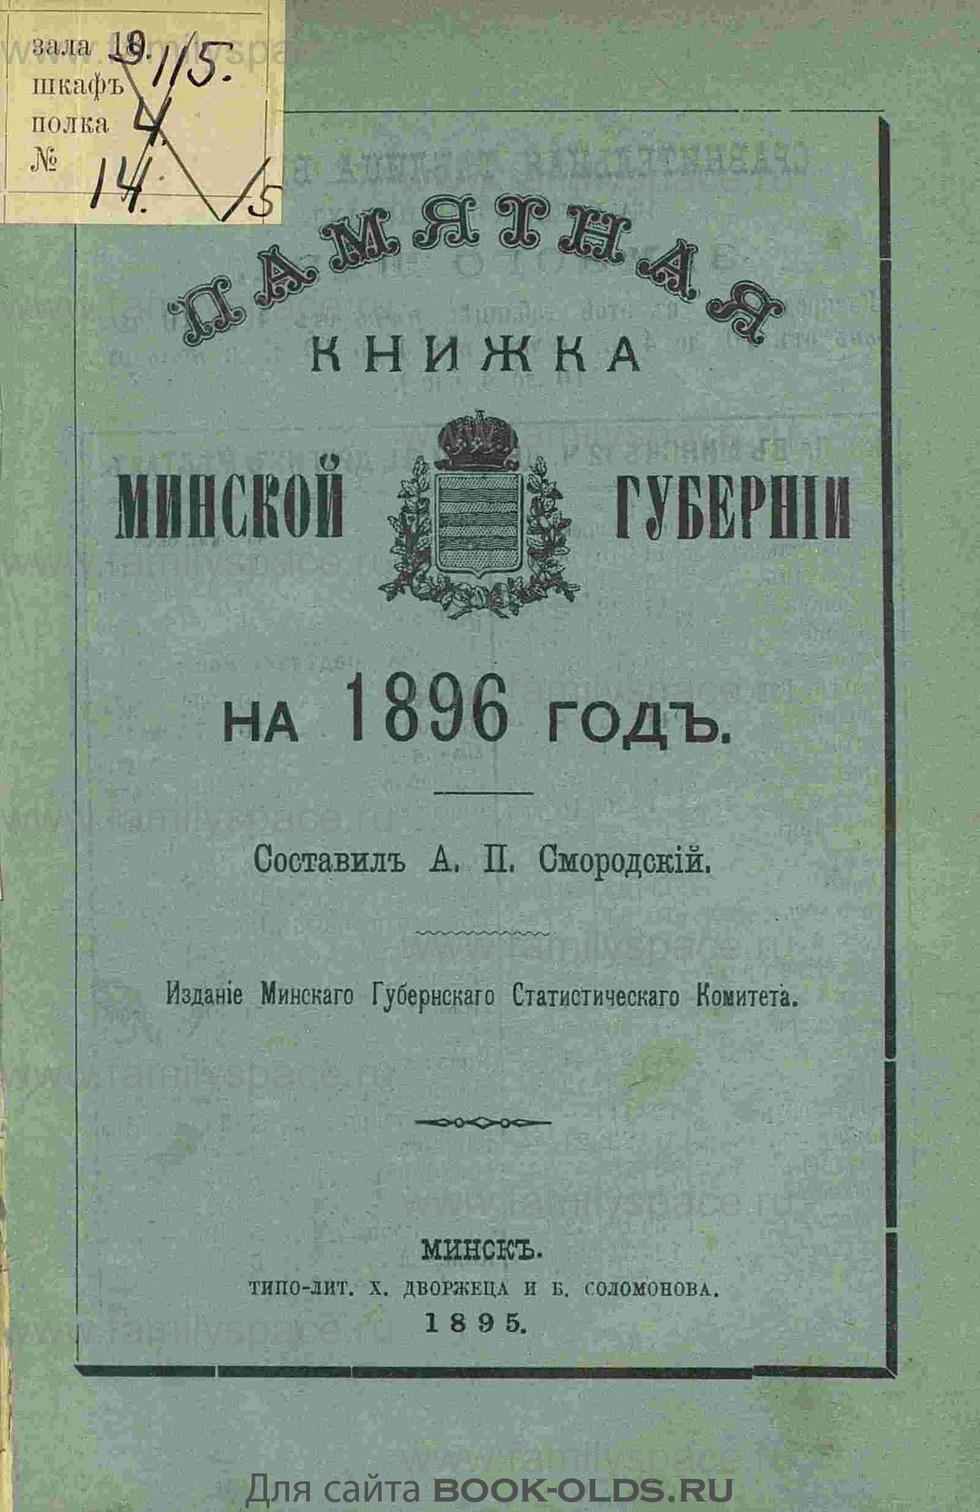 Поиск по фамилии - Памятная книжка Минской губернии на 1896 год, страница 3